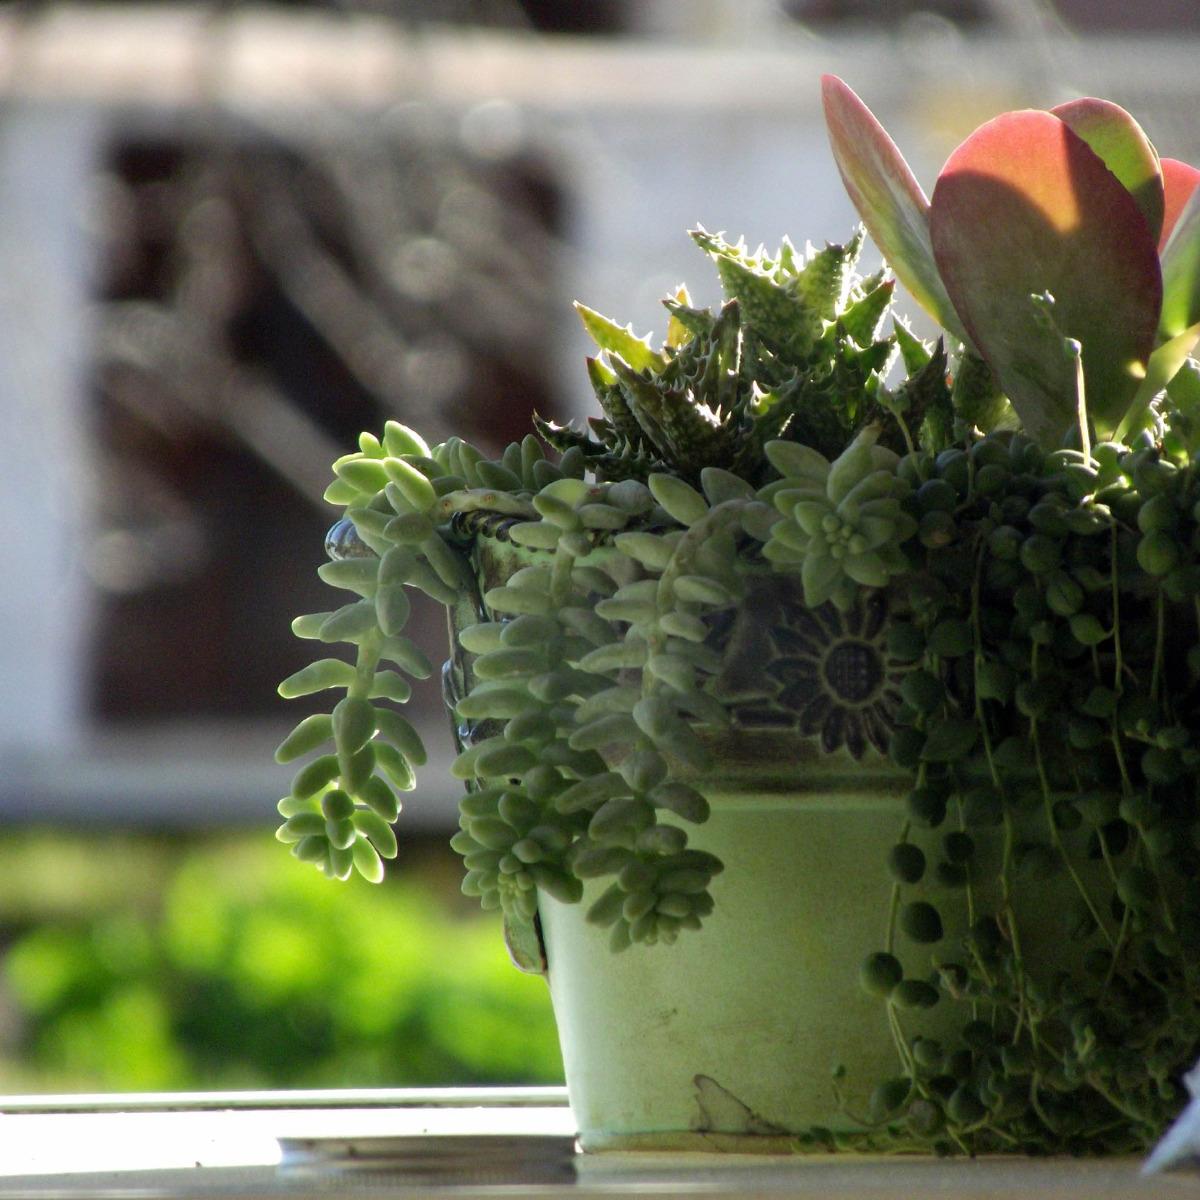 Slaapkamer planten gezond of juist niet?